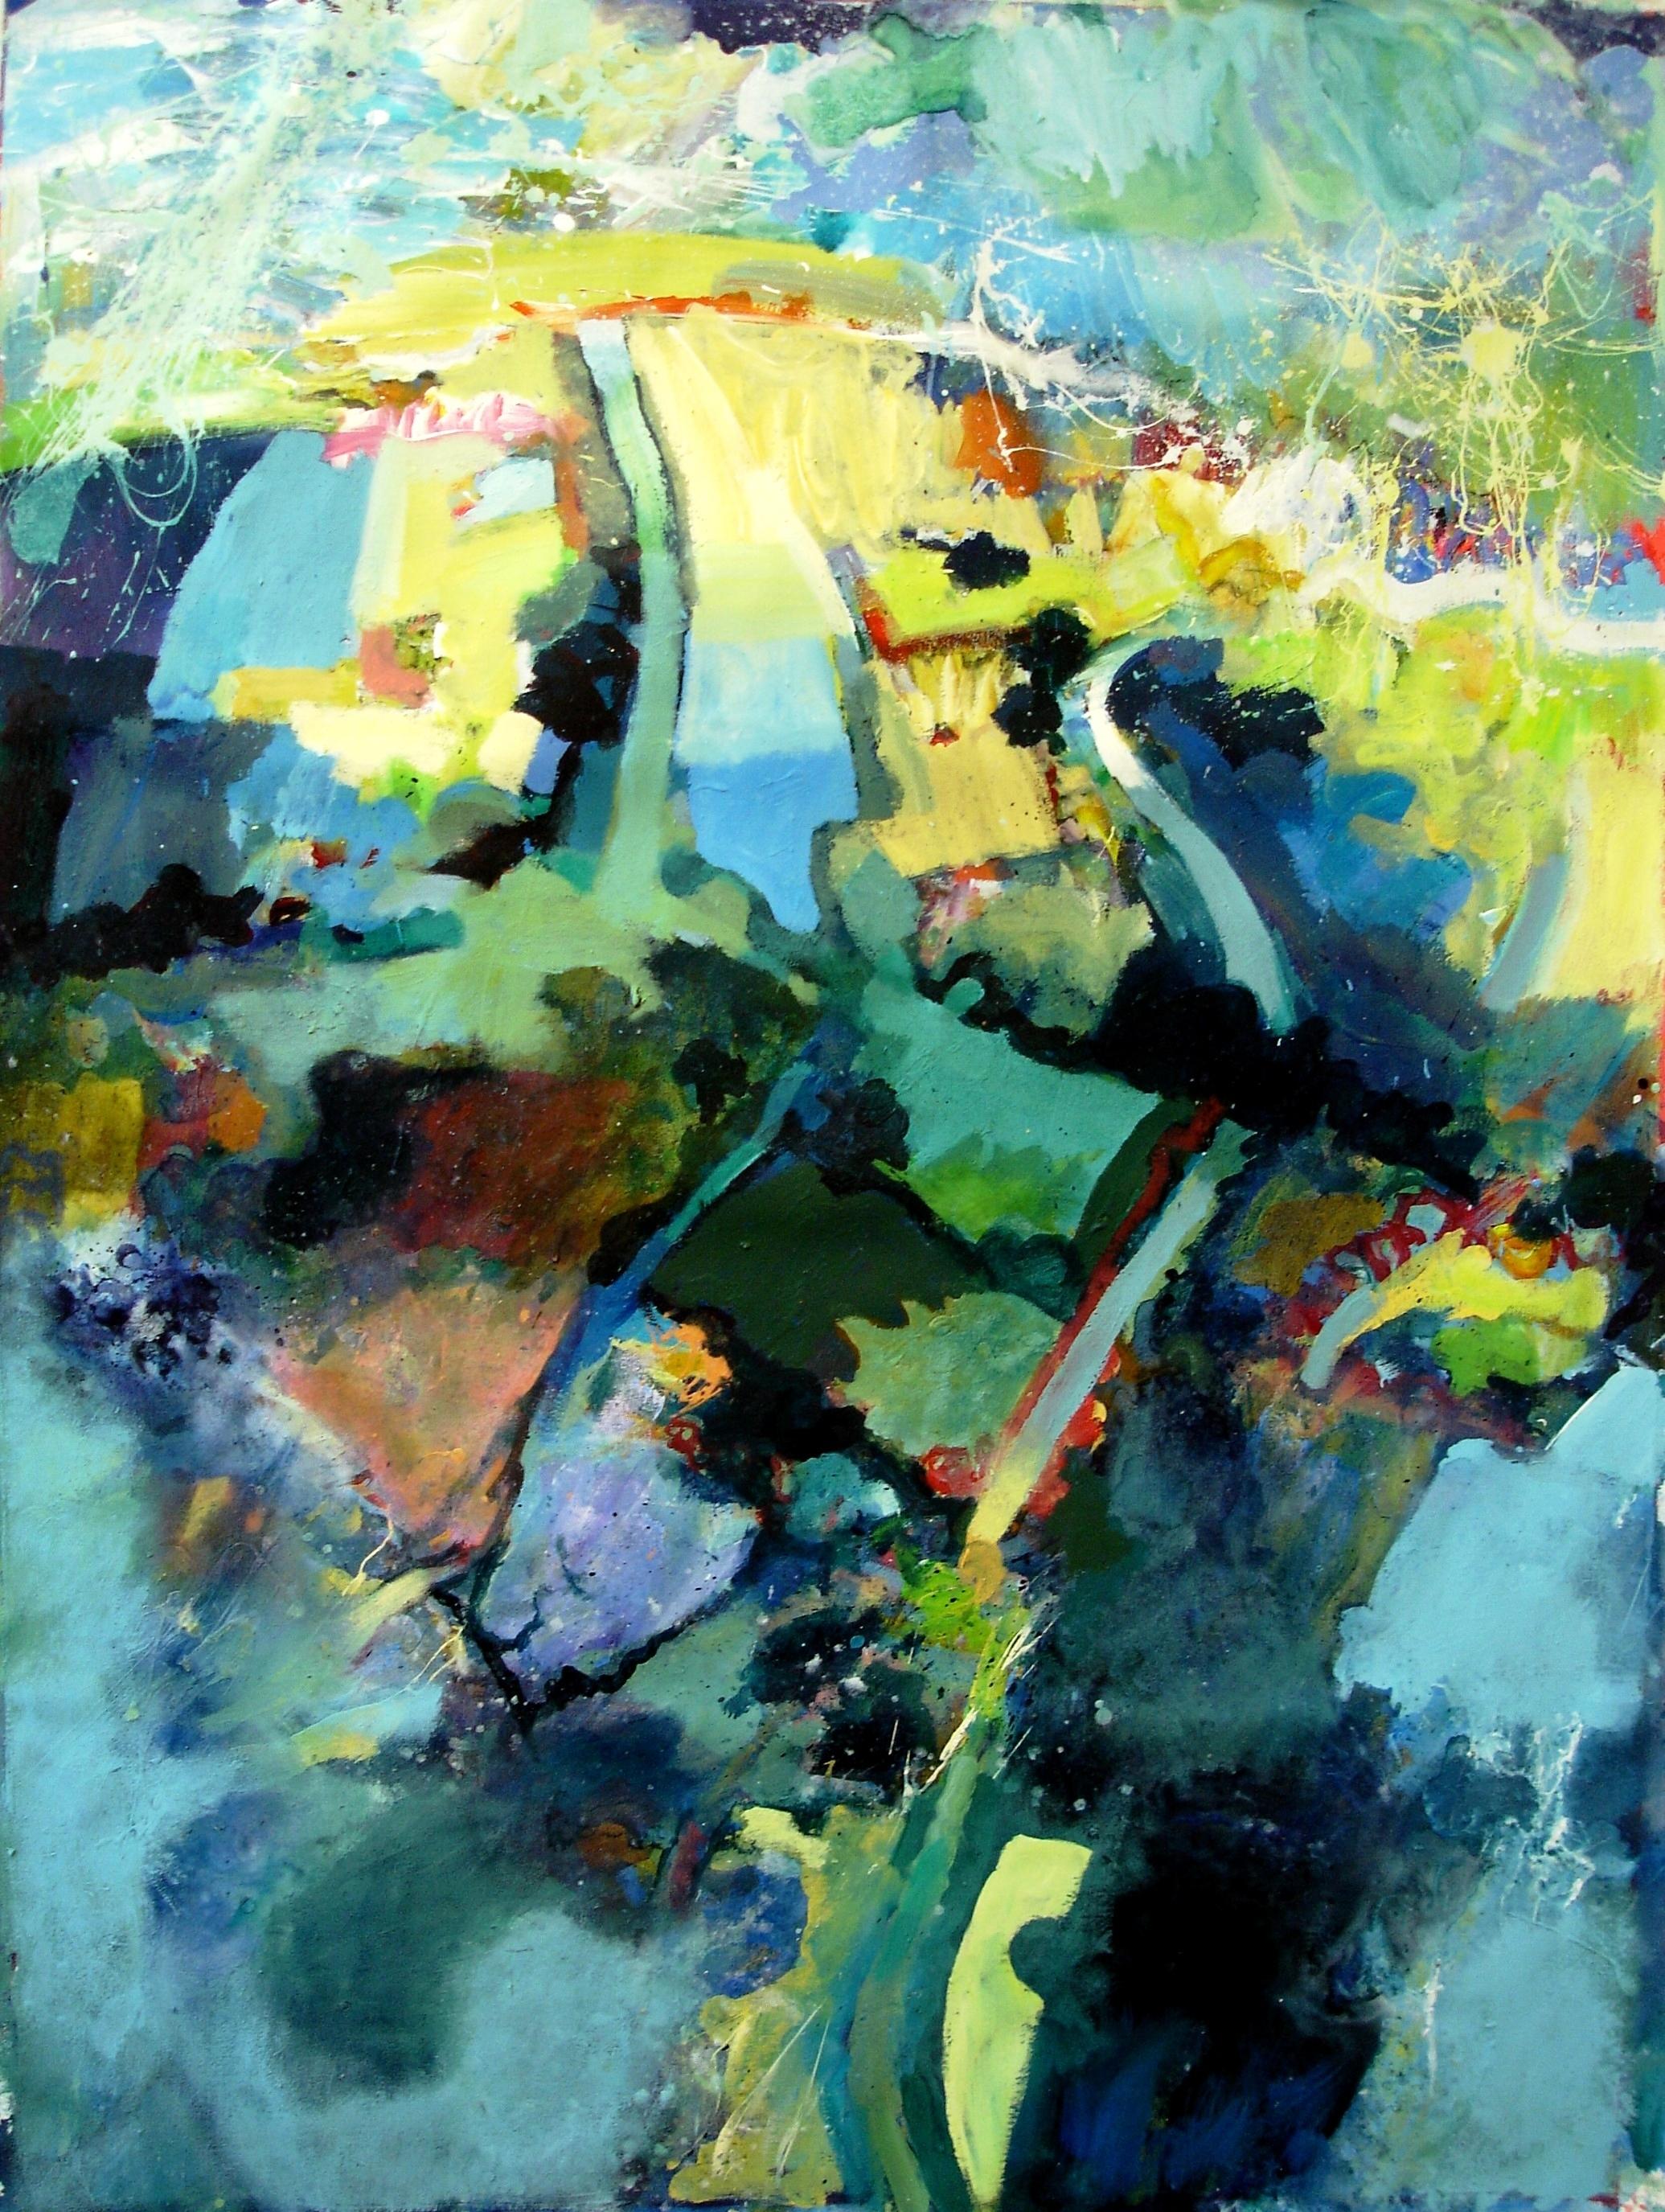 John McClenaghen Landscape in Freefall